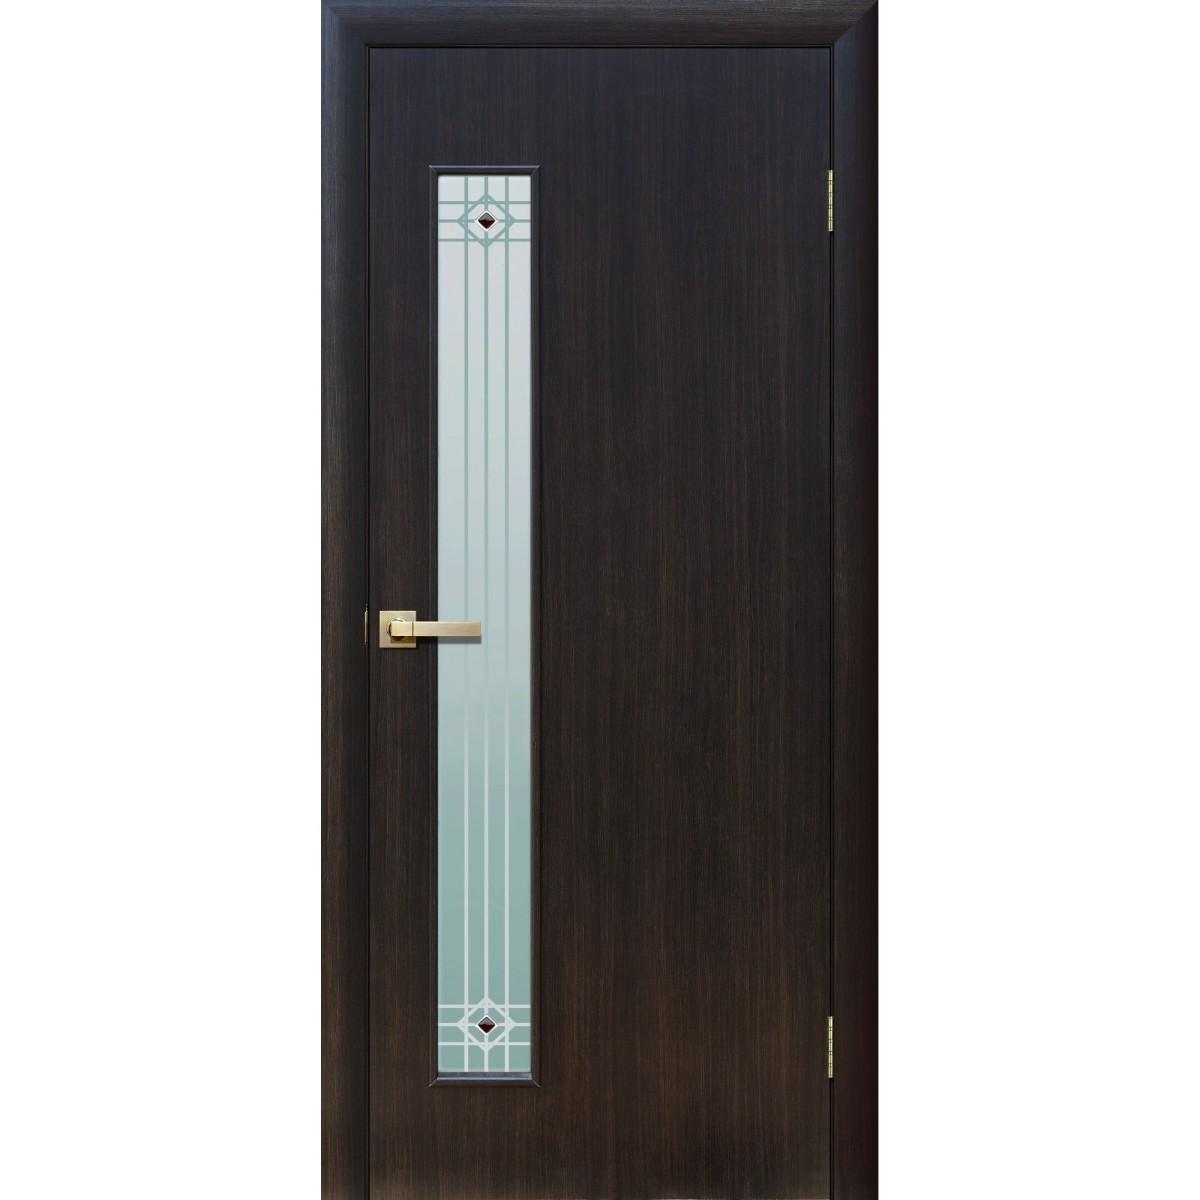 Дверь межкомнатная остеклённая Стандарт 60x200 см ламинация цвет дуб феррара